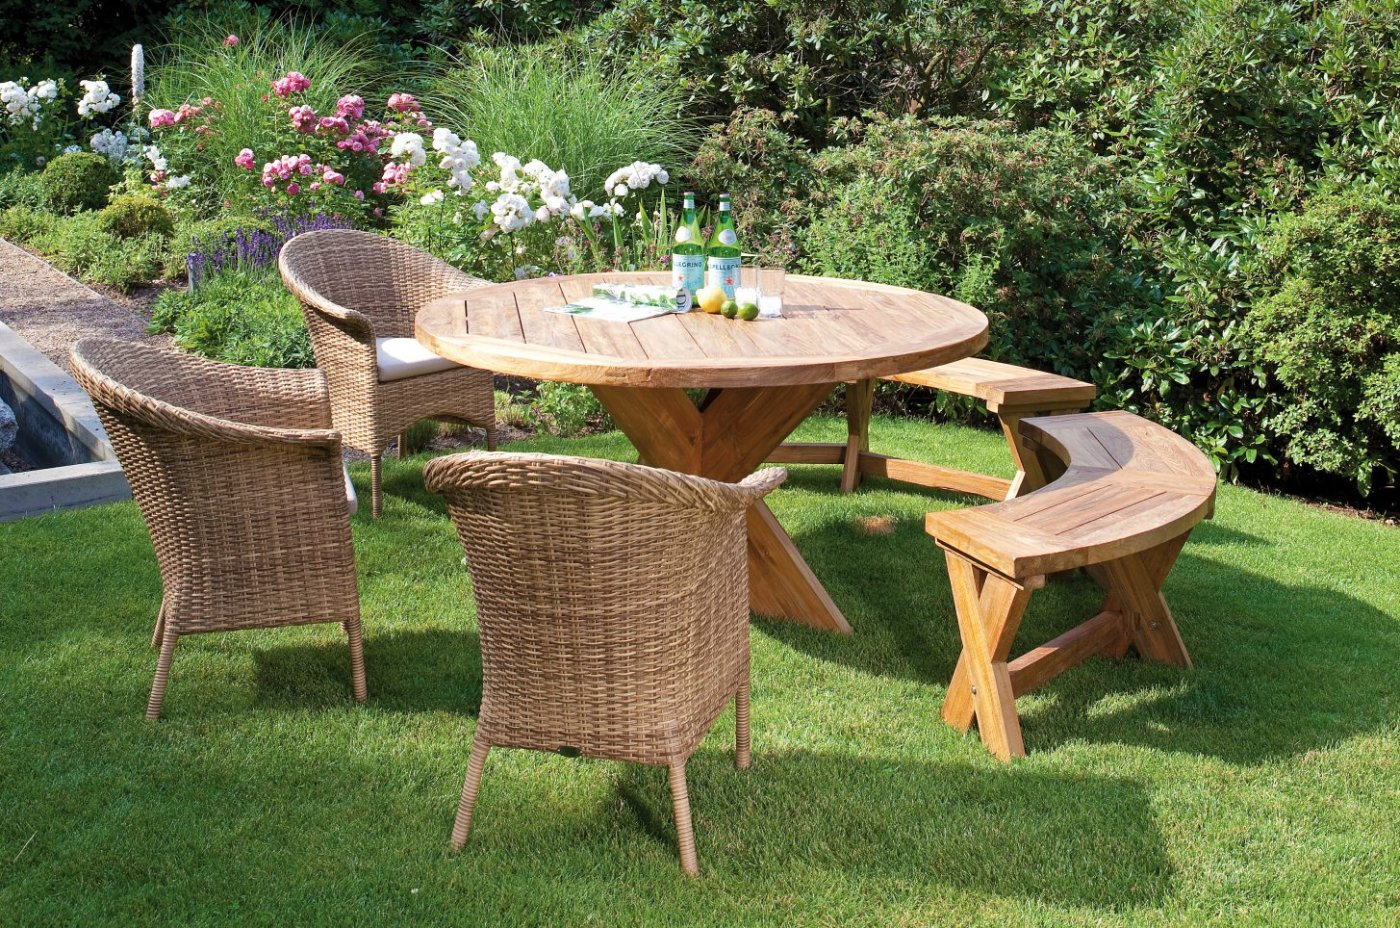 Gartenmobel Auflagen Blau : Lounge Möbel Garten Lounge möbel garten preisvergleich billiger